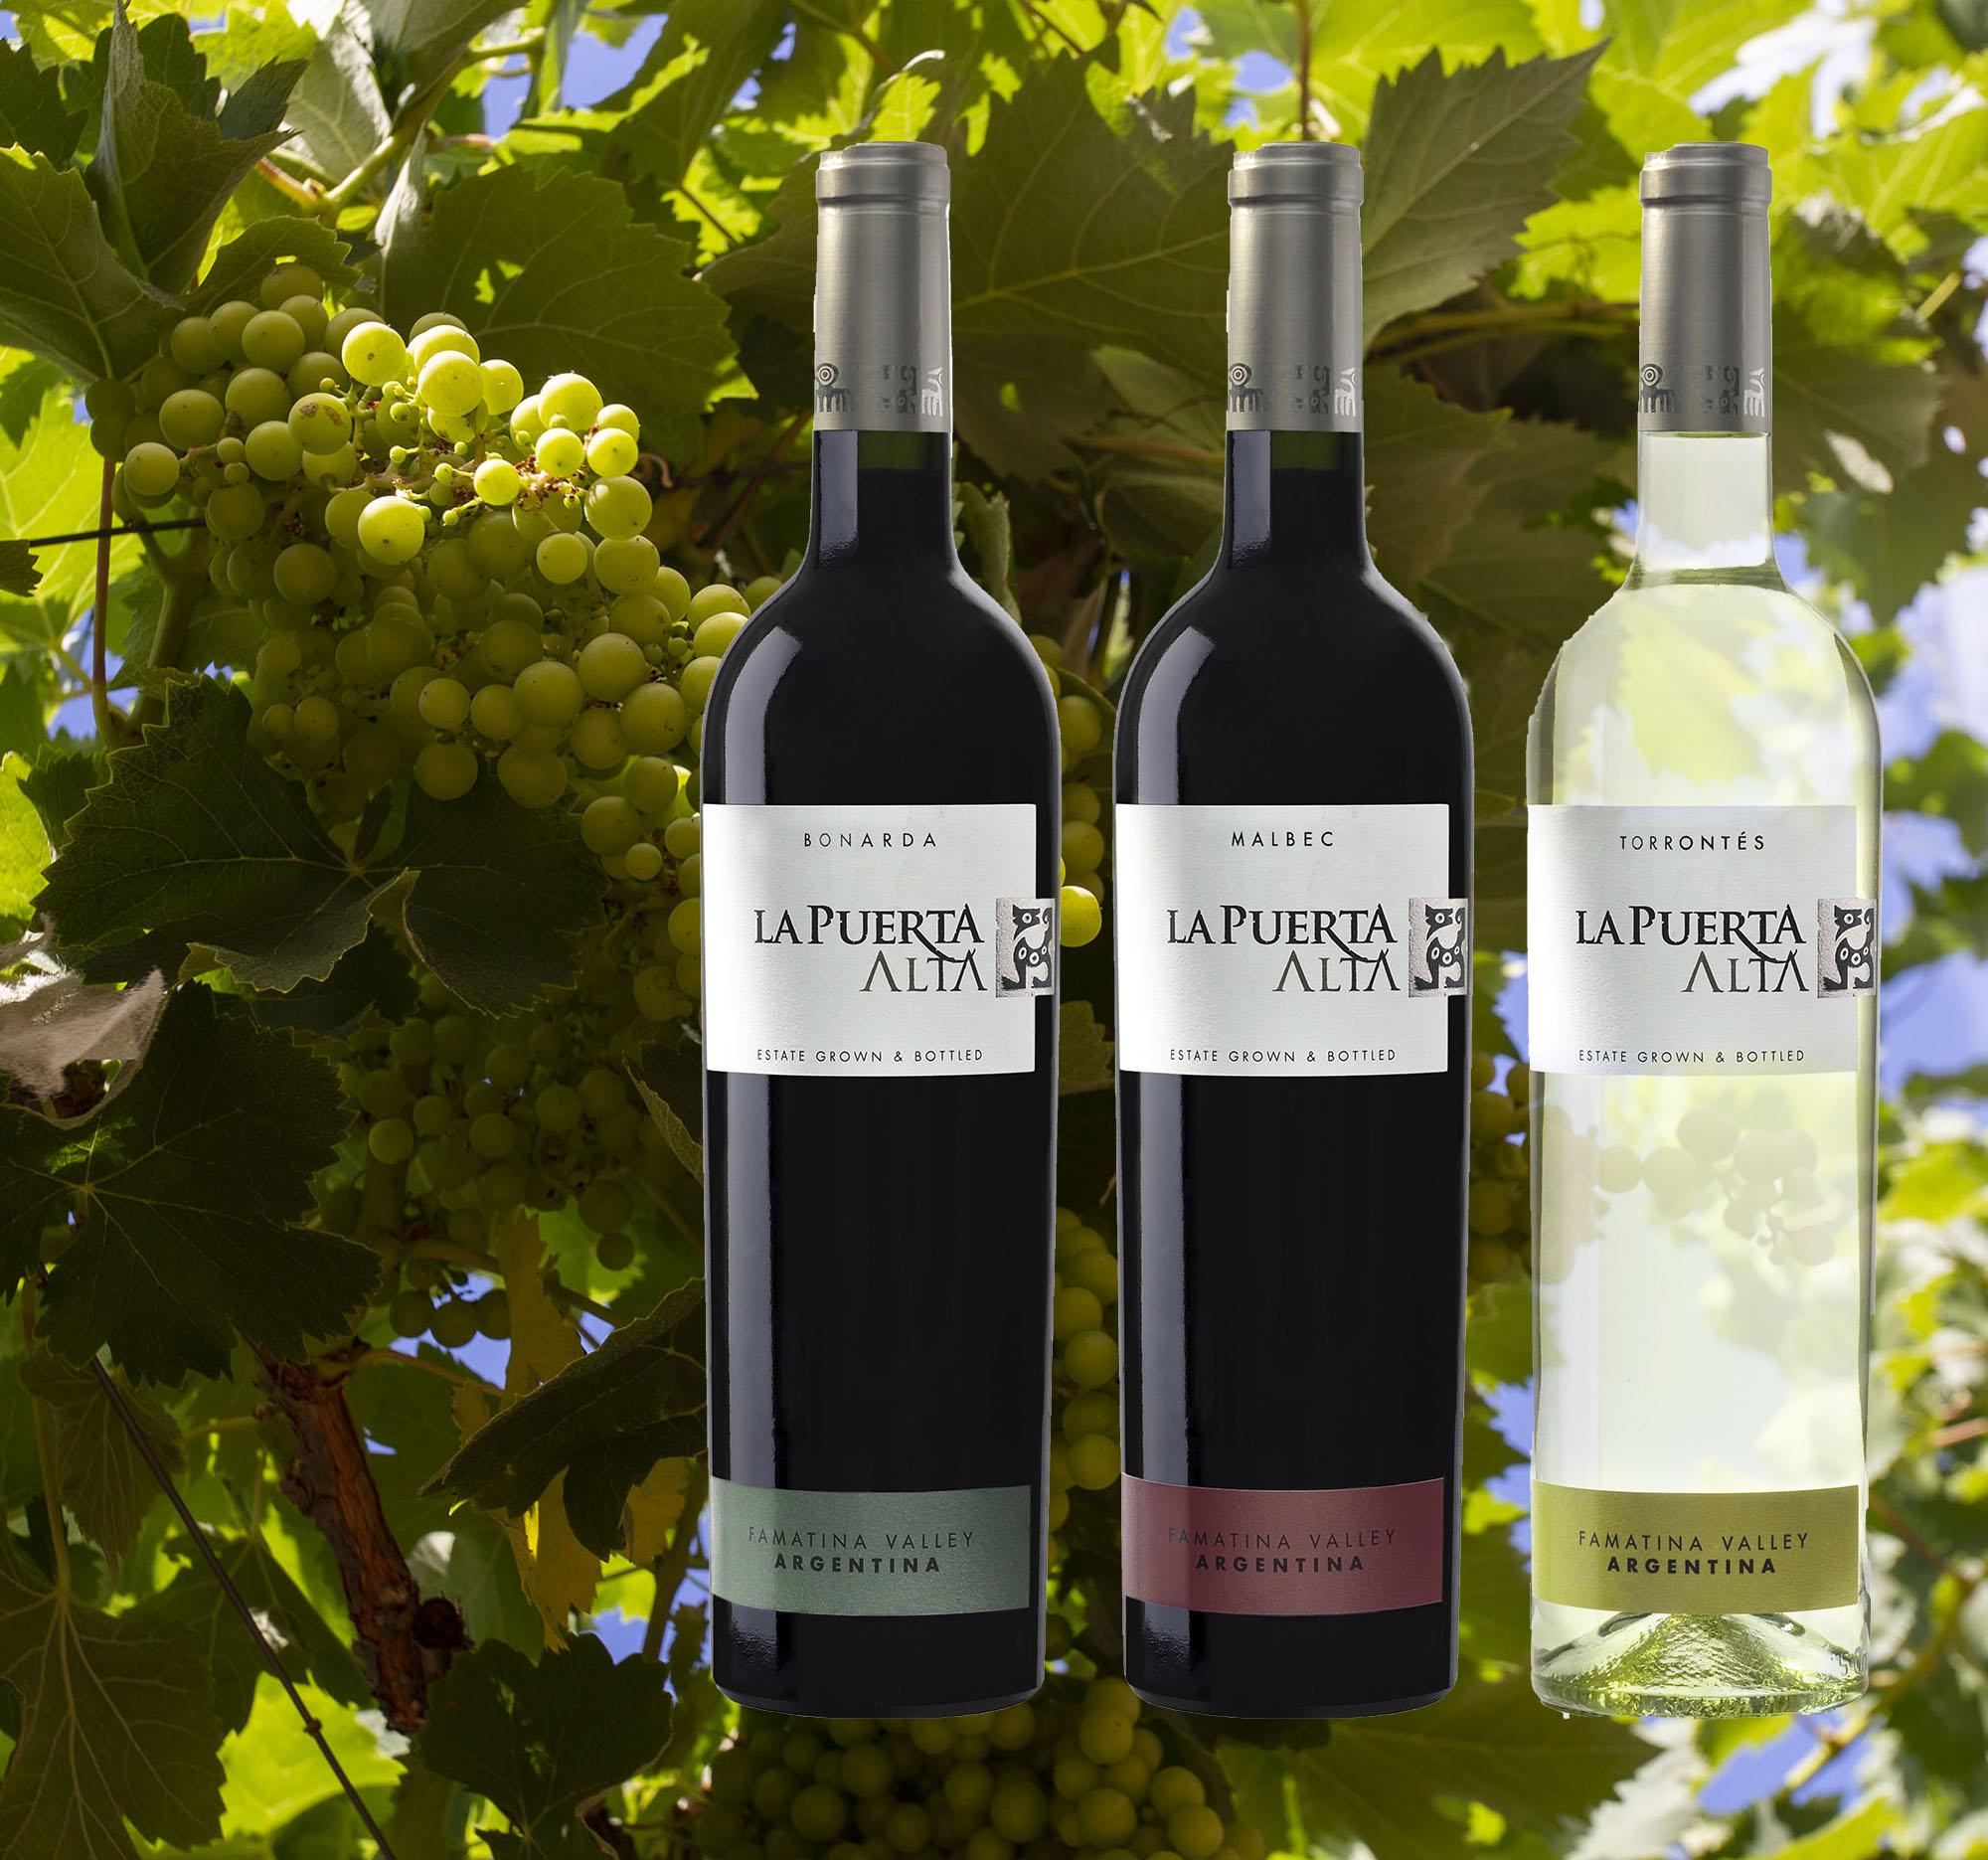 Probierpaket 3 - Drei emblematische Sorten von Argentinien.